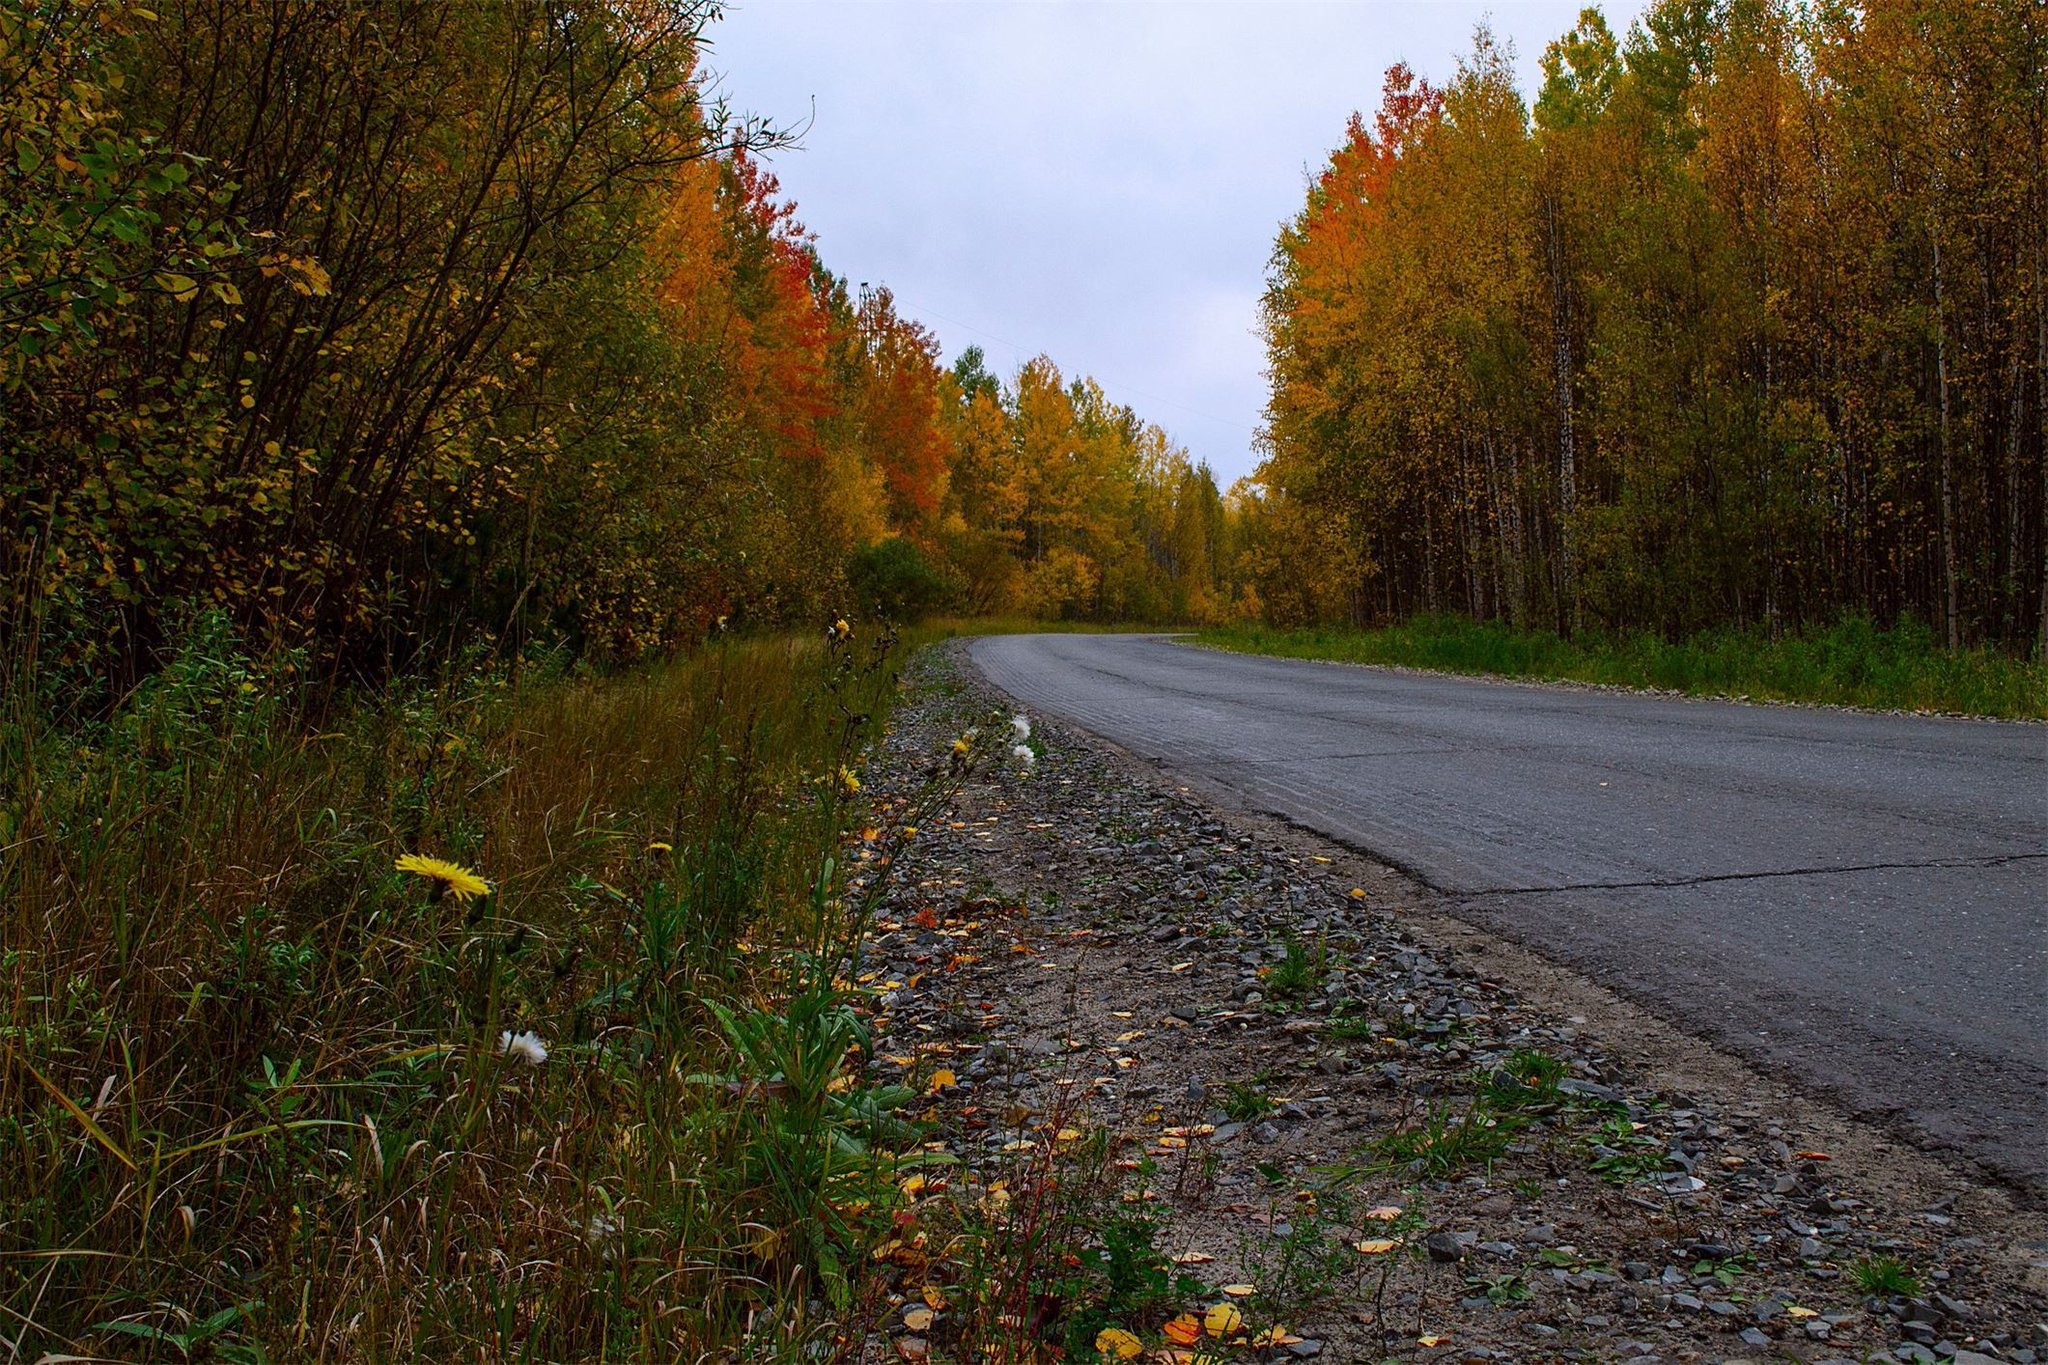 фотографии осень дороги более качественного дробления